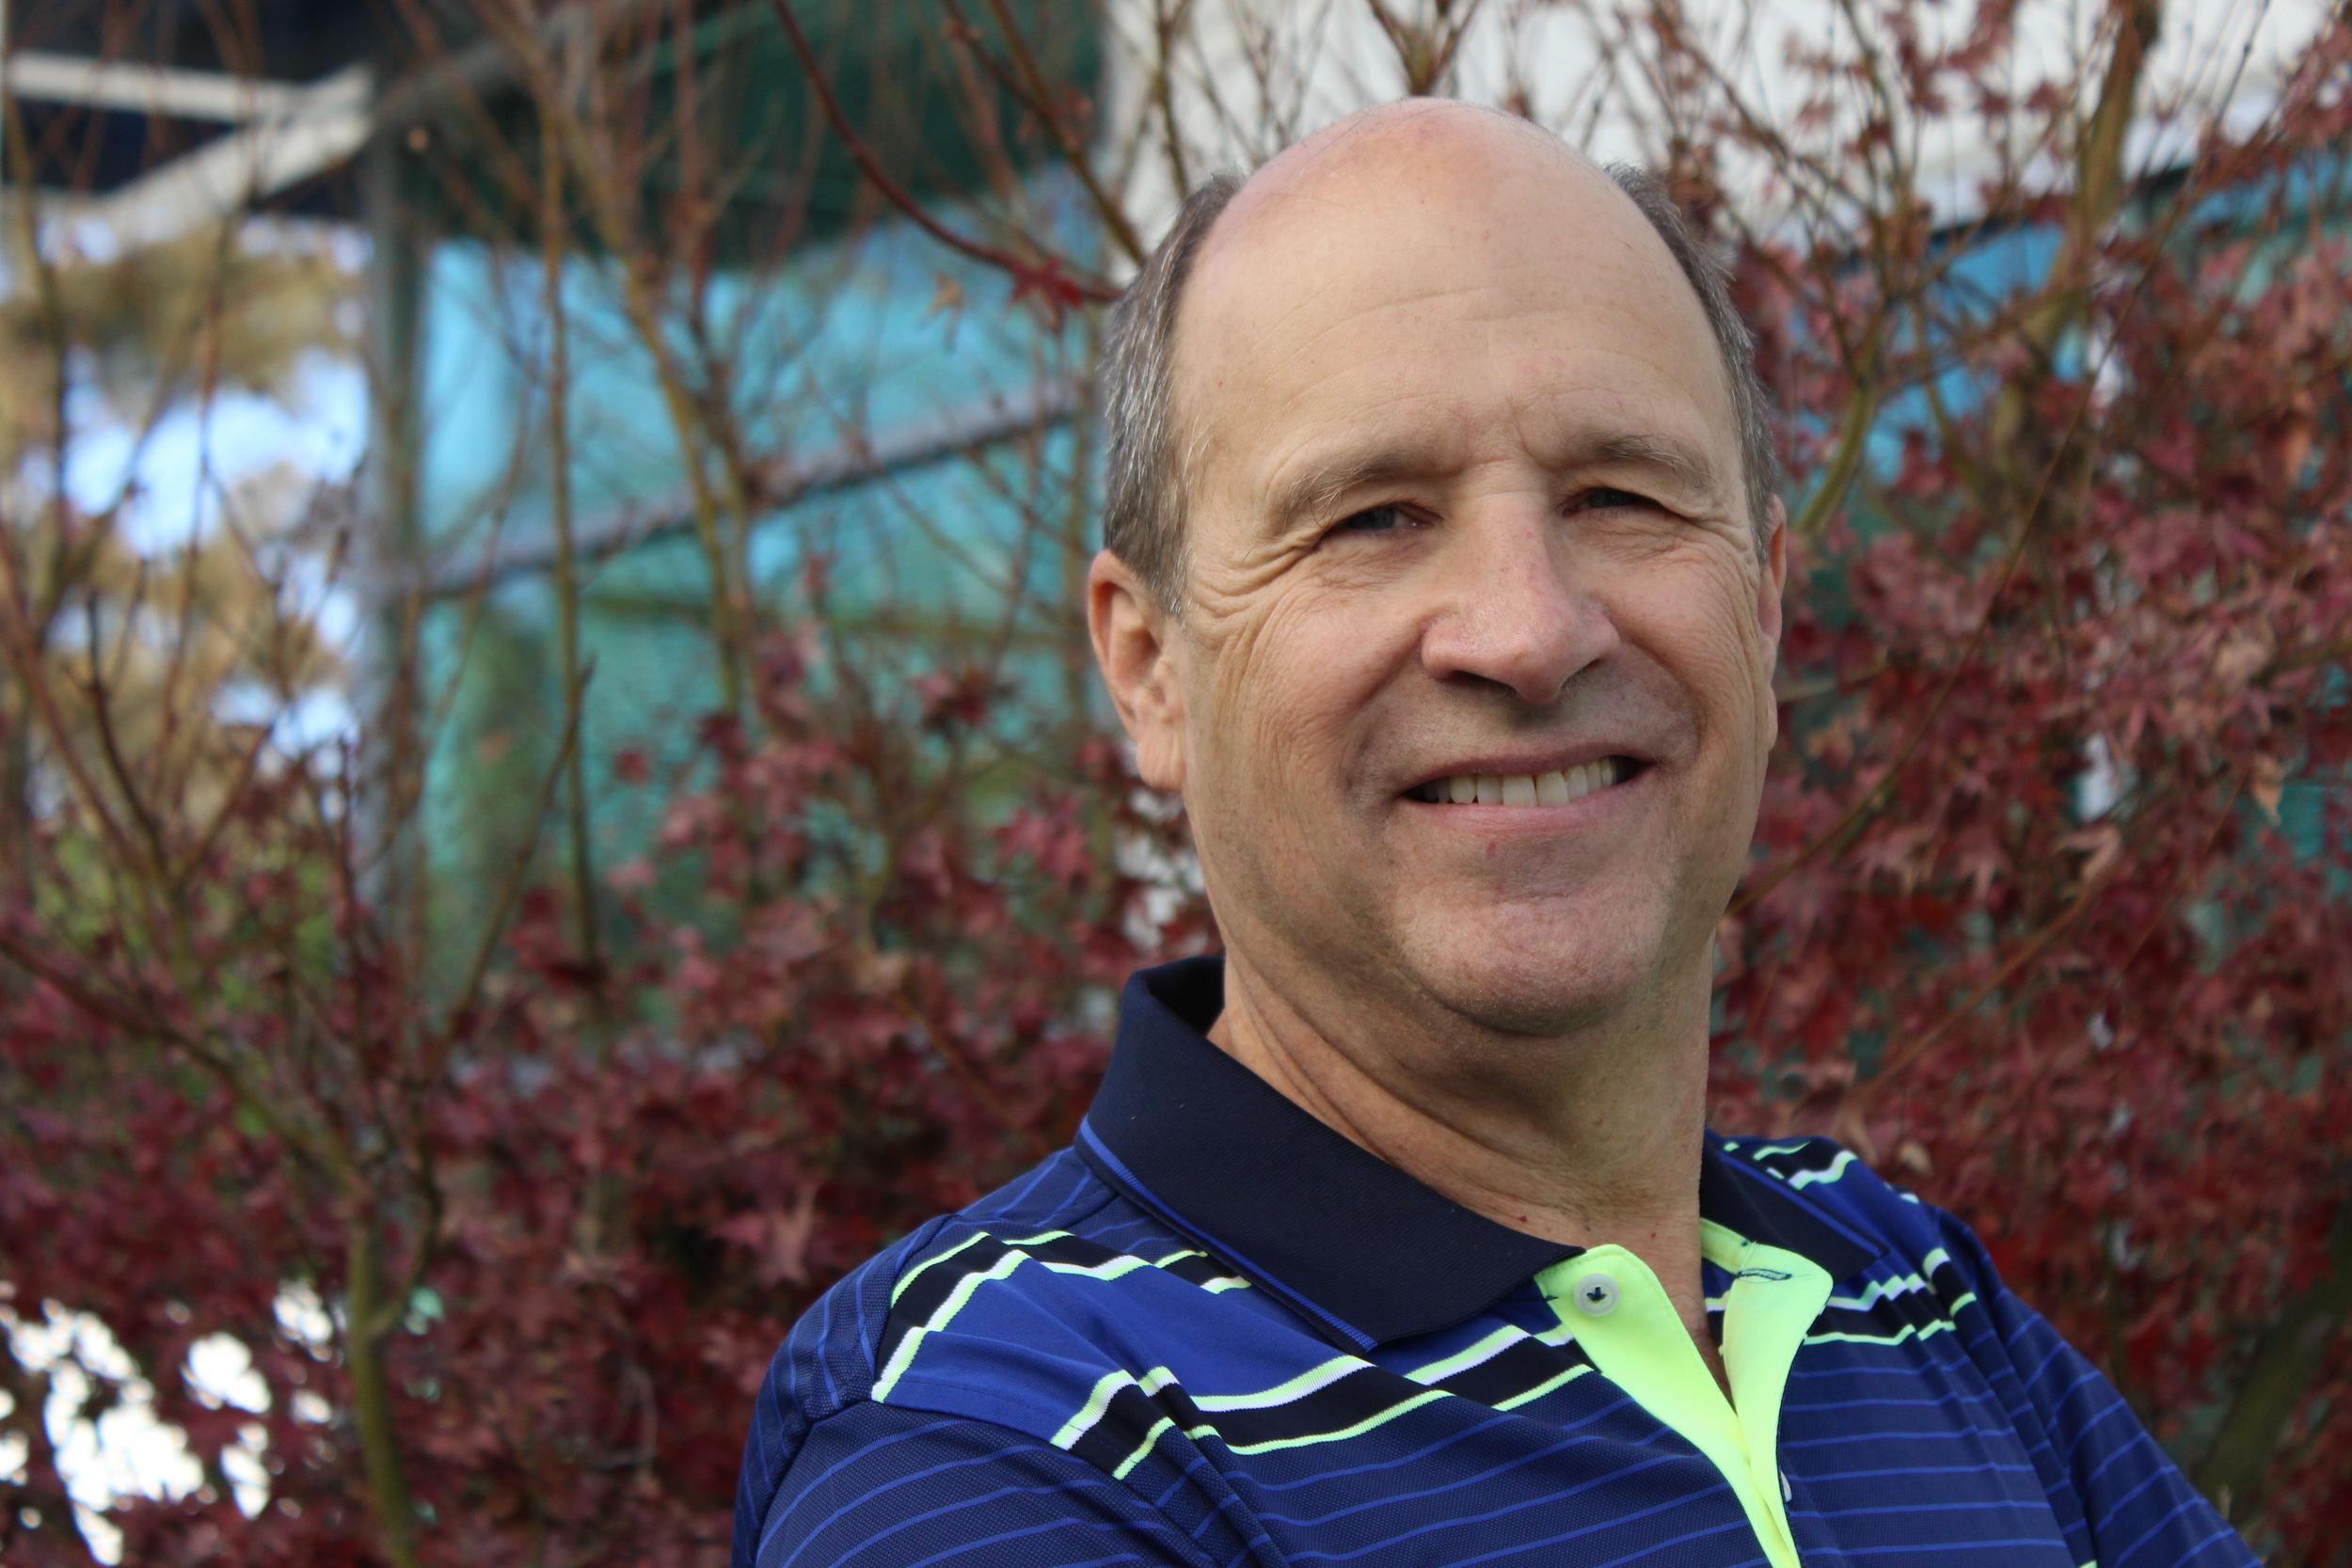 DAVID HOGAN, AICP